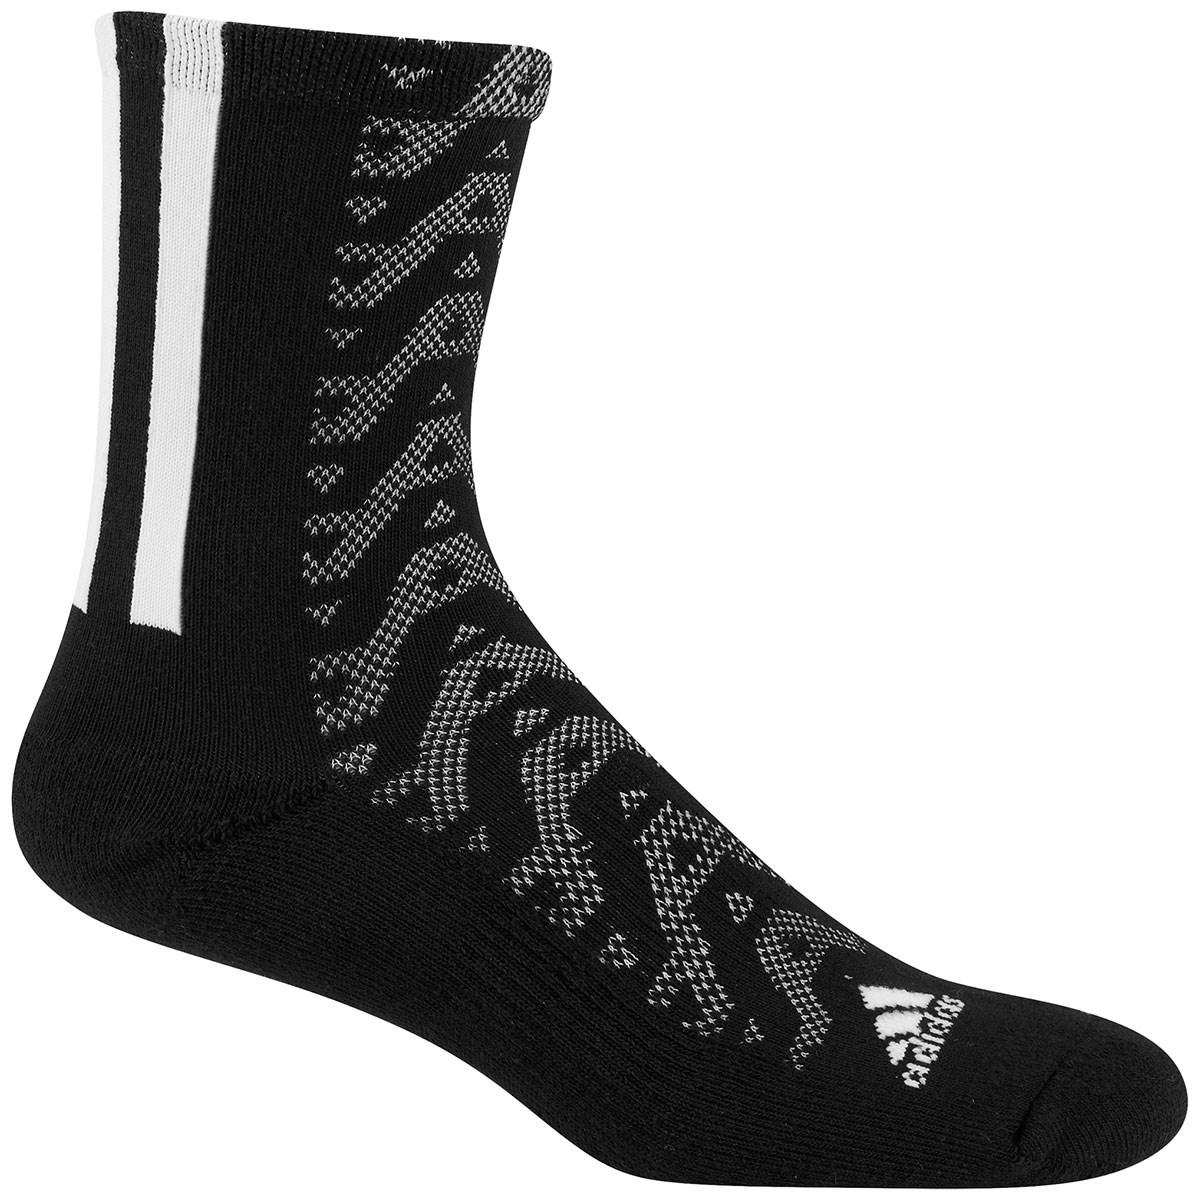 アディダス Adidas グラフィッククルーソックス フリー ブラック/ホワイト レディス